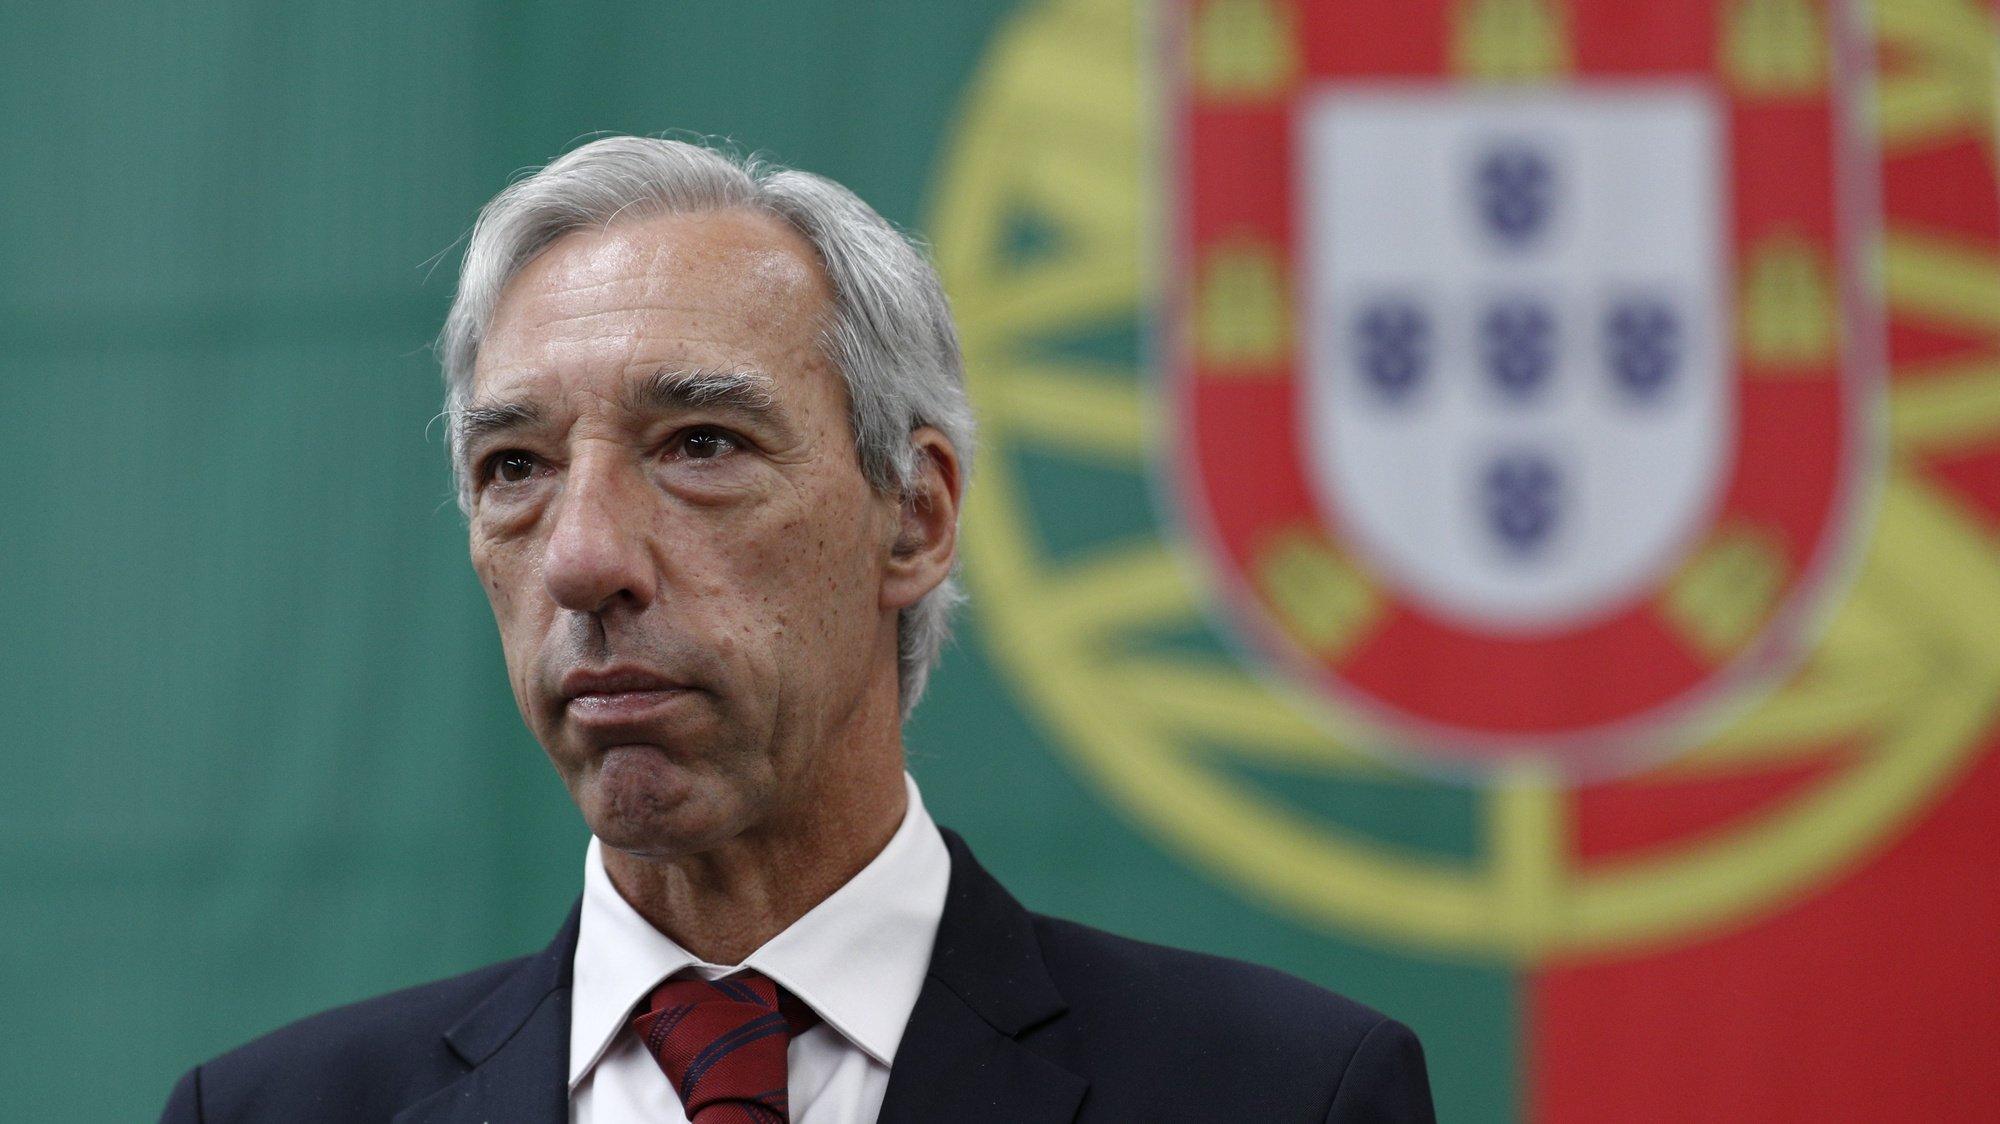 """O ministro da Defesa Nacional, João Cravinho Gomes, intervém na chegada da 6.ª Força Nacional Destacada (FND) em missão da NATO no Afeganistão """"Resolute Support Mission"""", que aterraram esta manhã na Base Aérea de Figo Maduro, em Lisboa, 24 de maio de 2021. ANTÓNIO COTRIM/LUSA"""